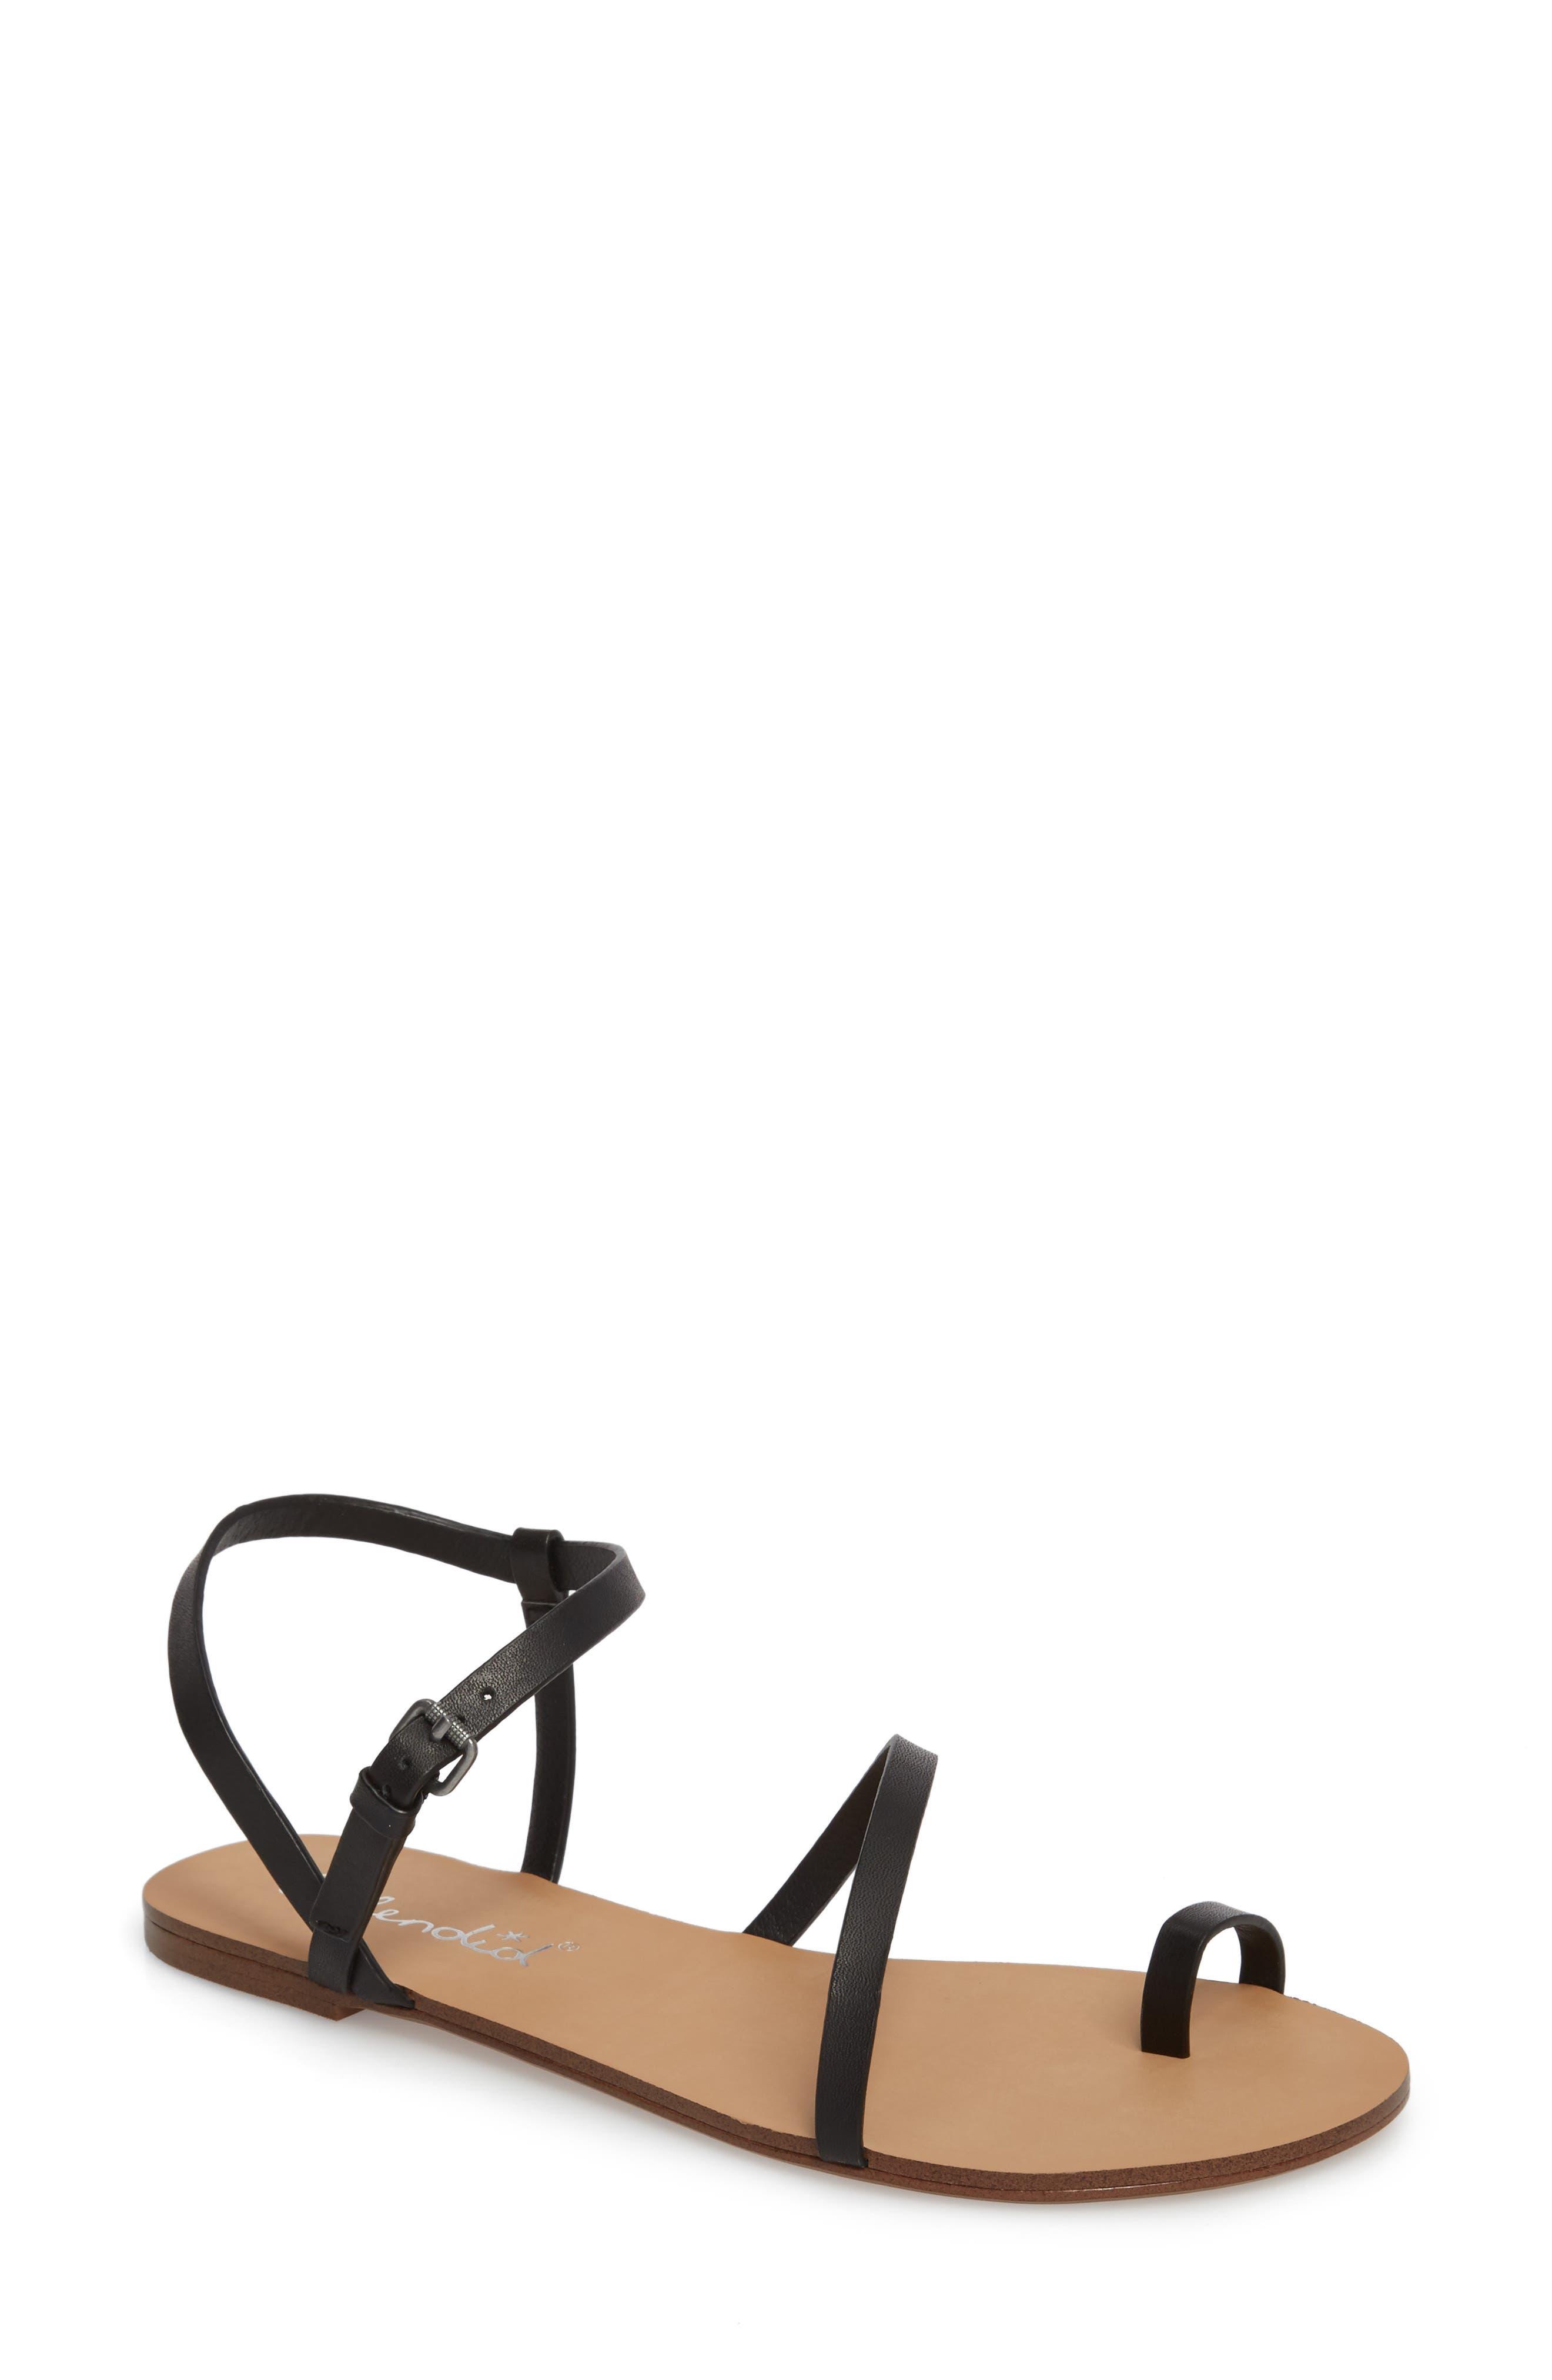 SPLENDID Flower Sandal, Main, color, 002